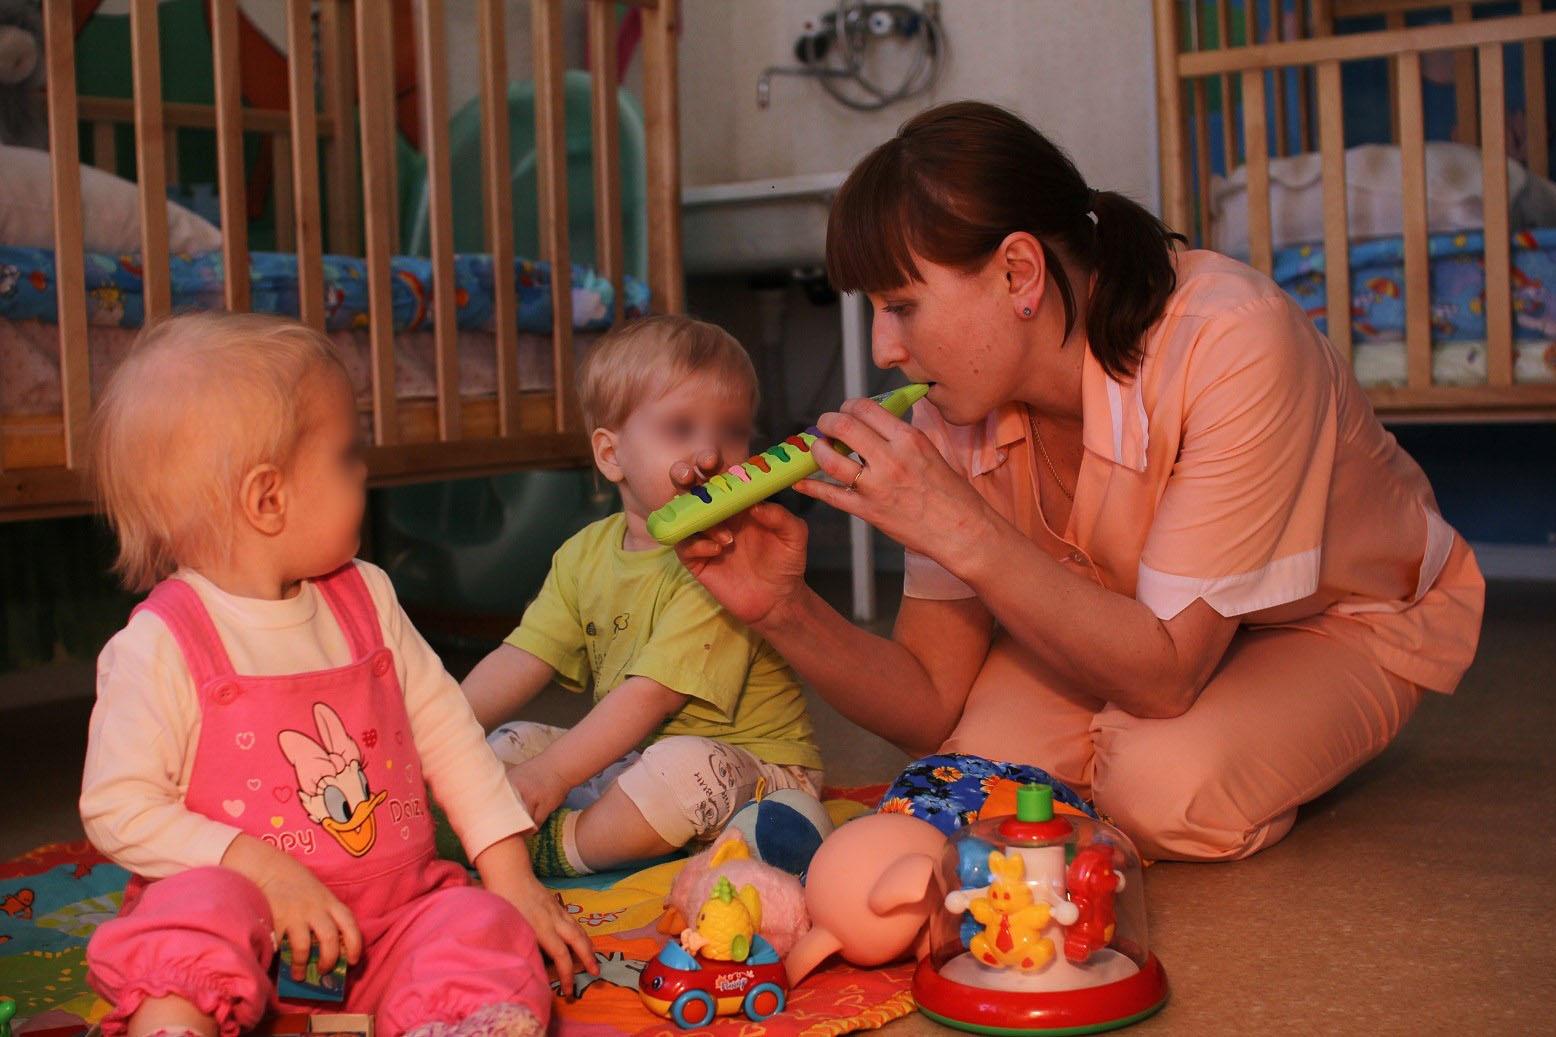 Не все понимают, насколько сиротам в больницах нужны внимание, забота и нежные руки нянь